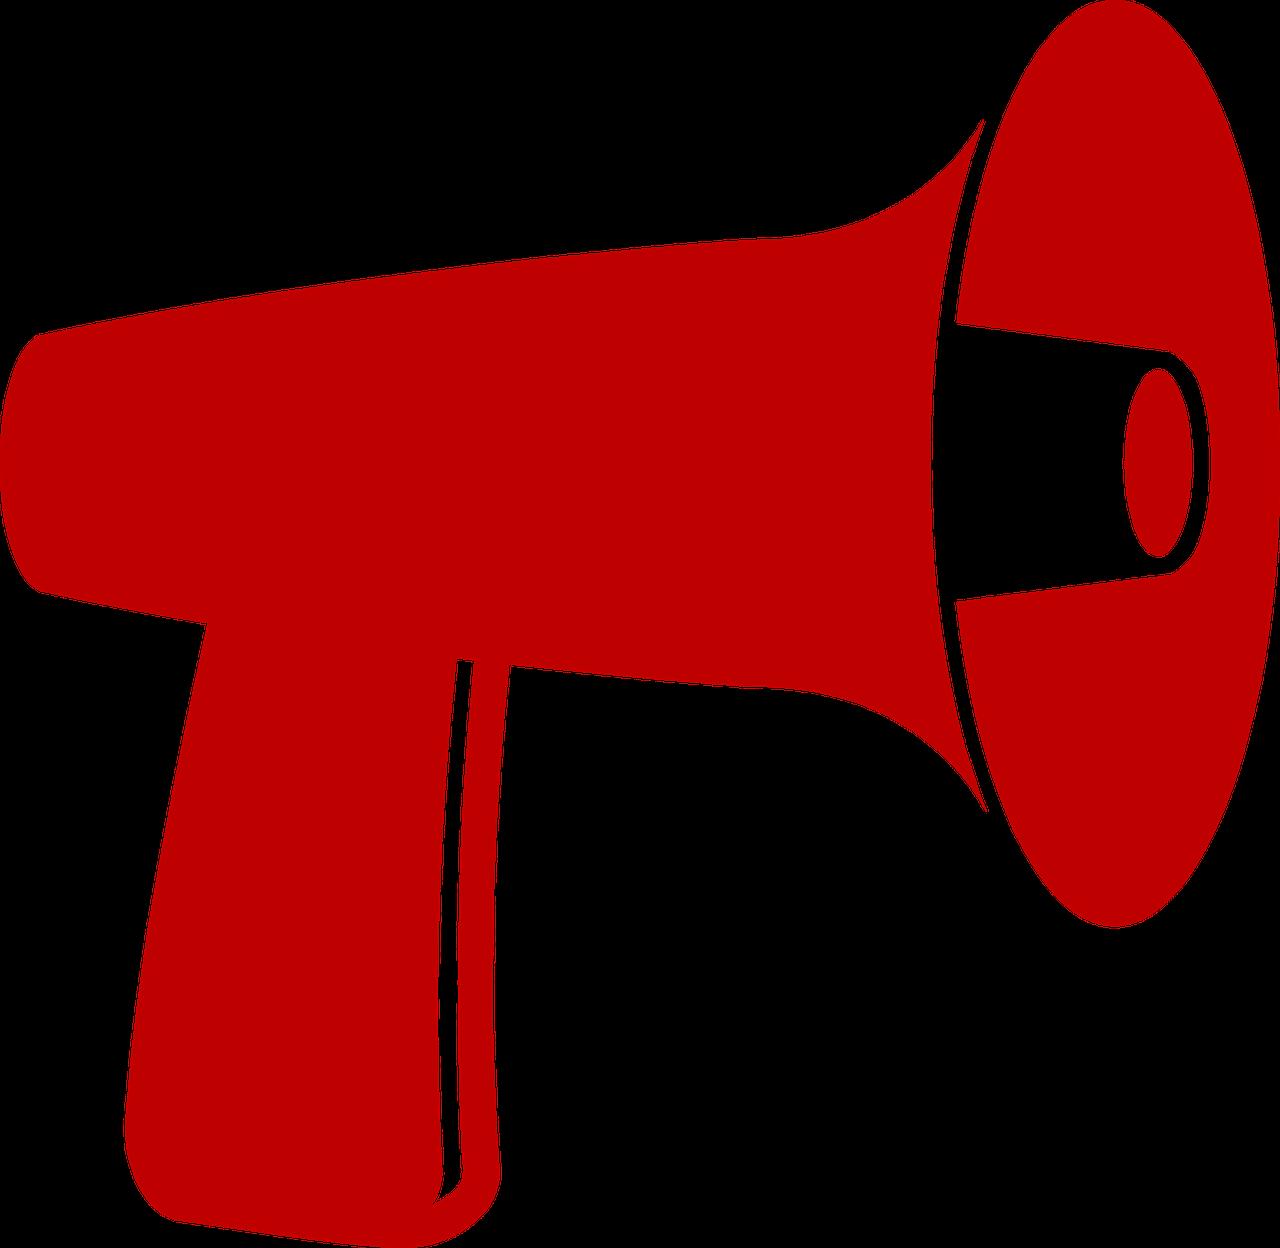 Na zdjęciu czerwony megafon na białym tle